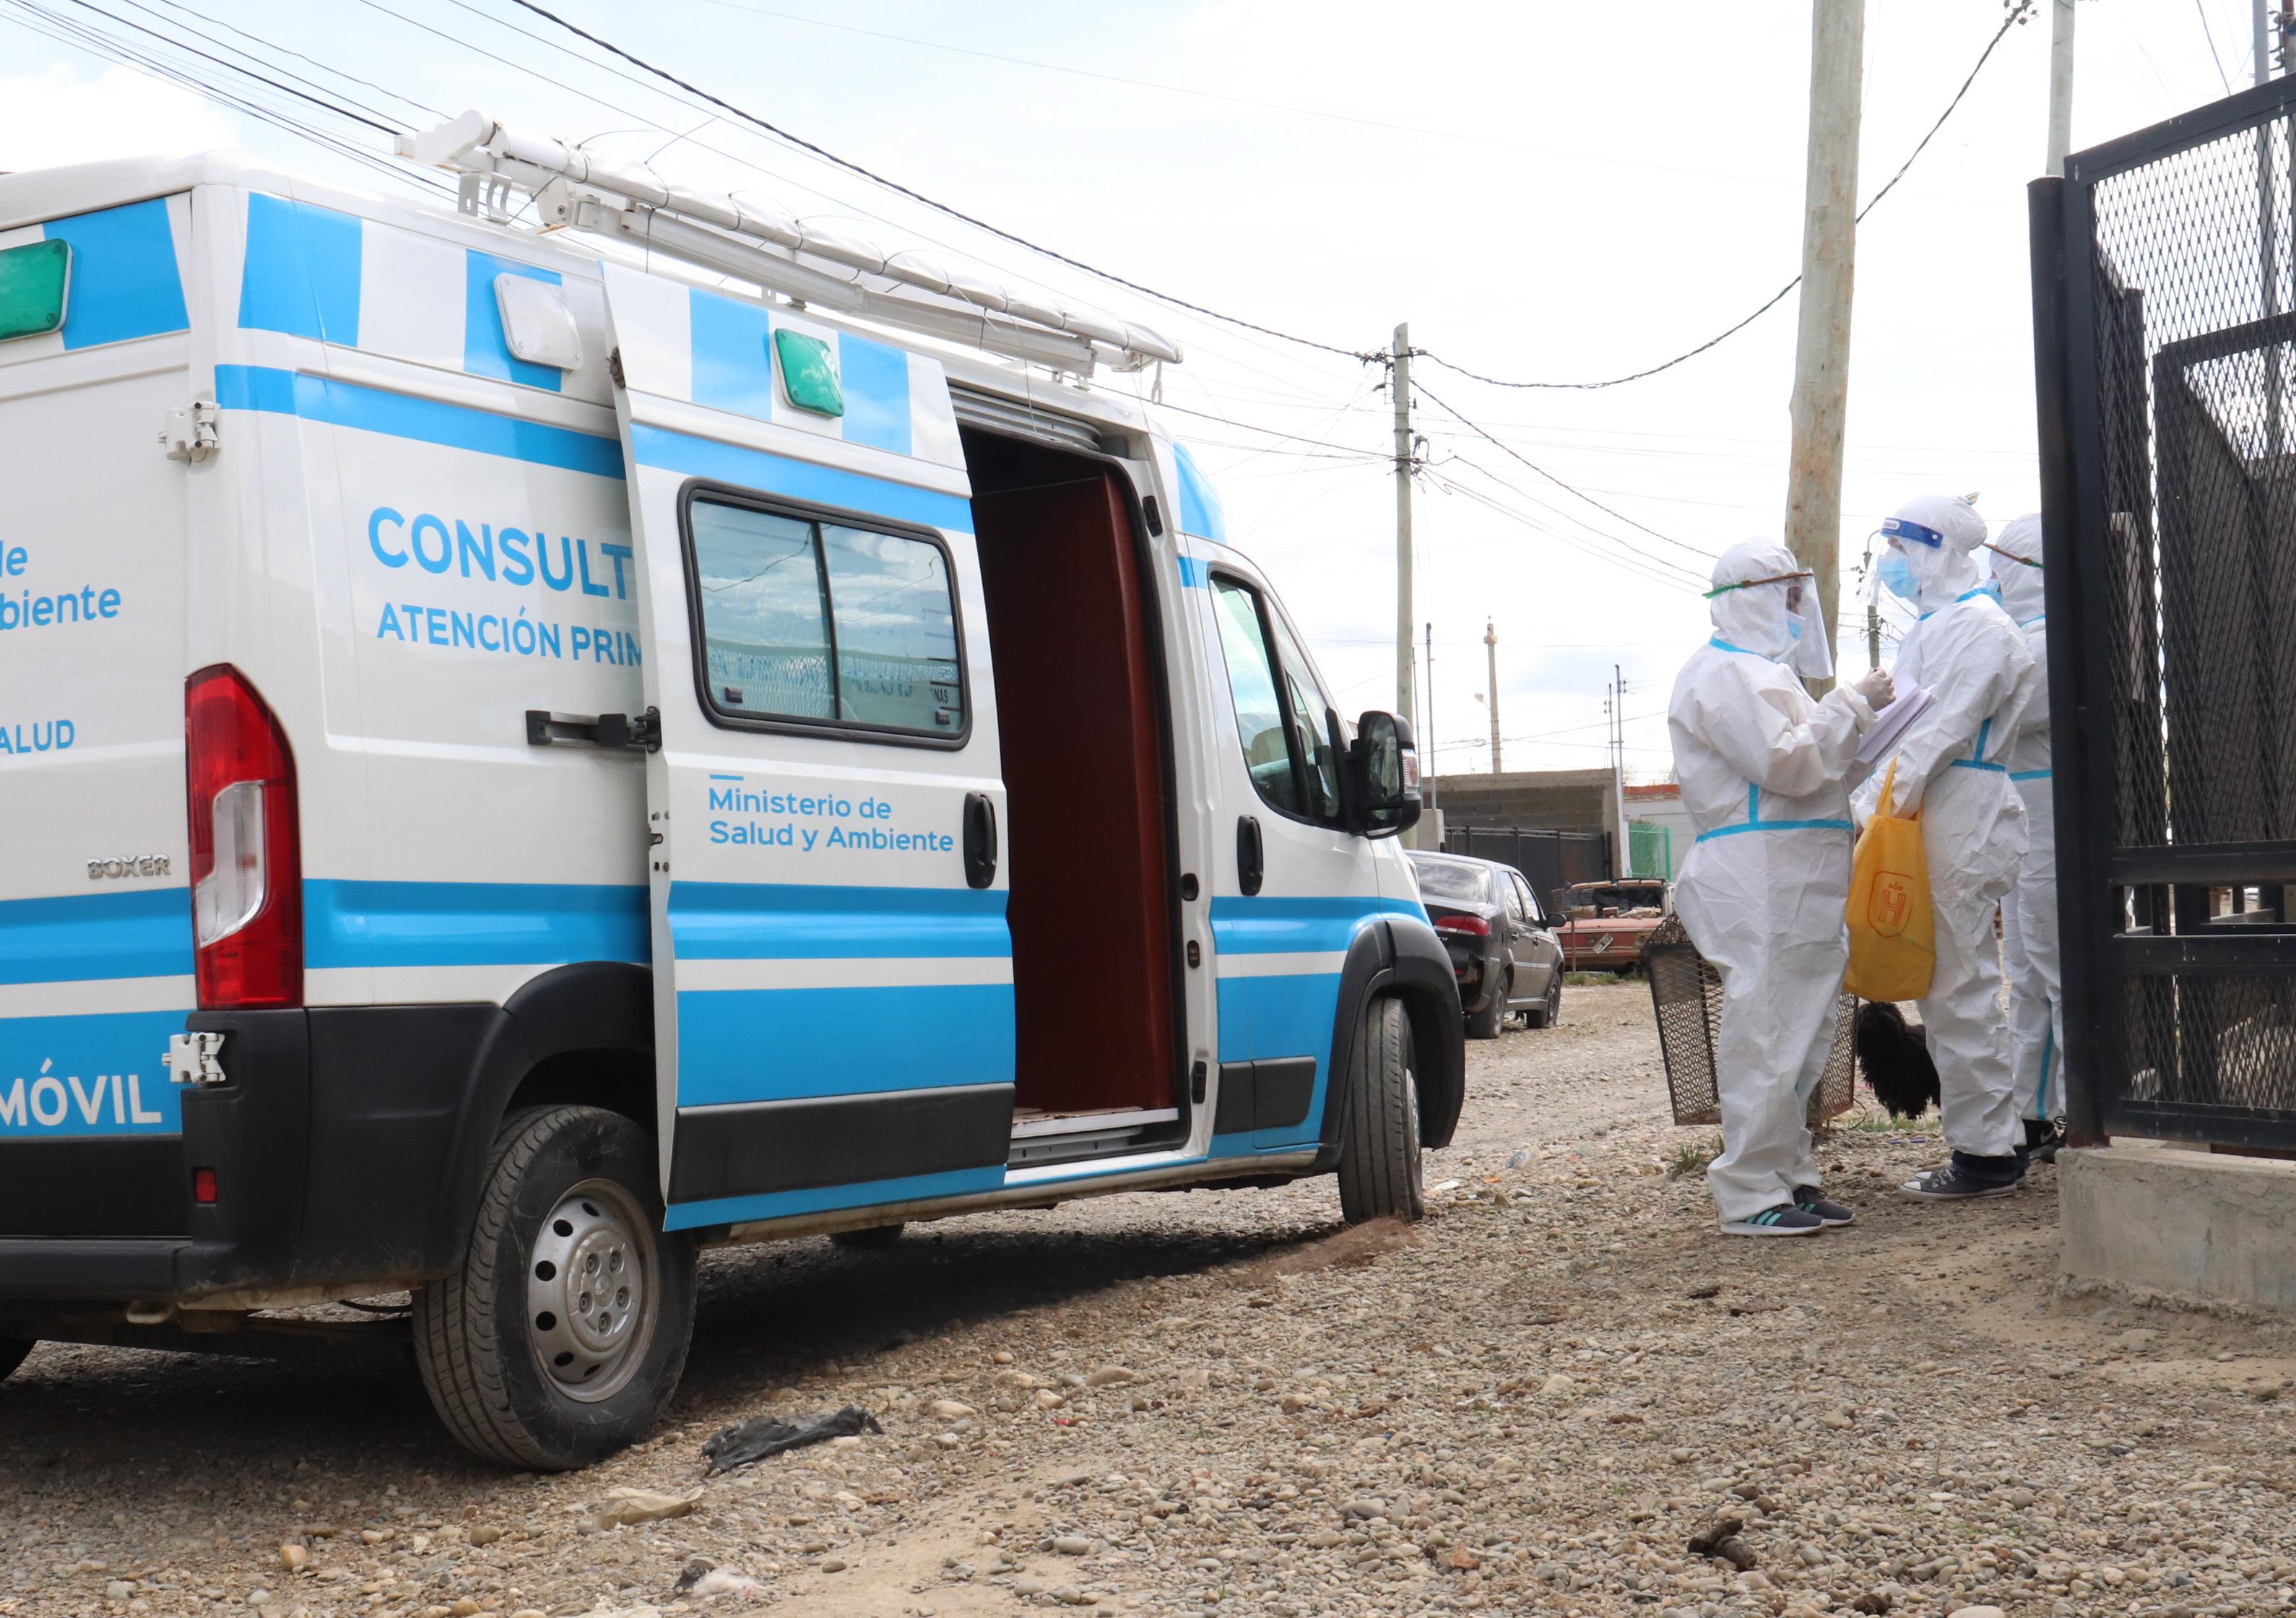 Unos 15 agentes recorren la zona detectando posibles casos. (FOTO: JOSÉ SILVA/LA OPINIÓN AUSTRAL)